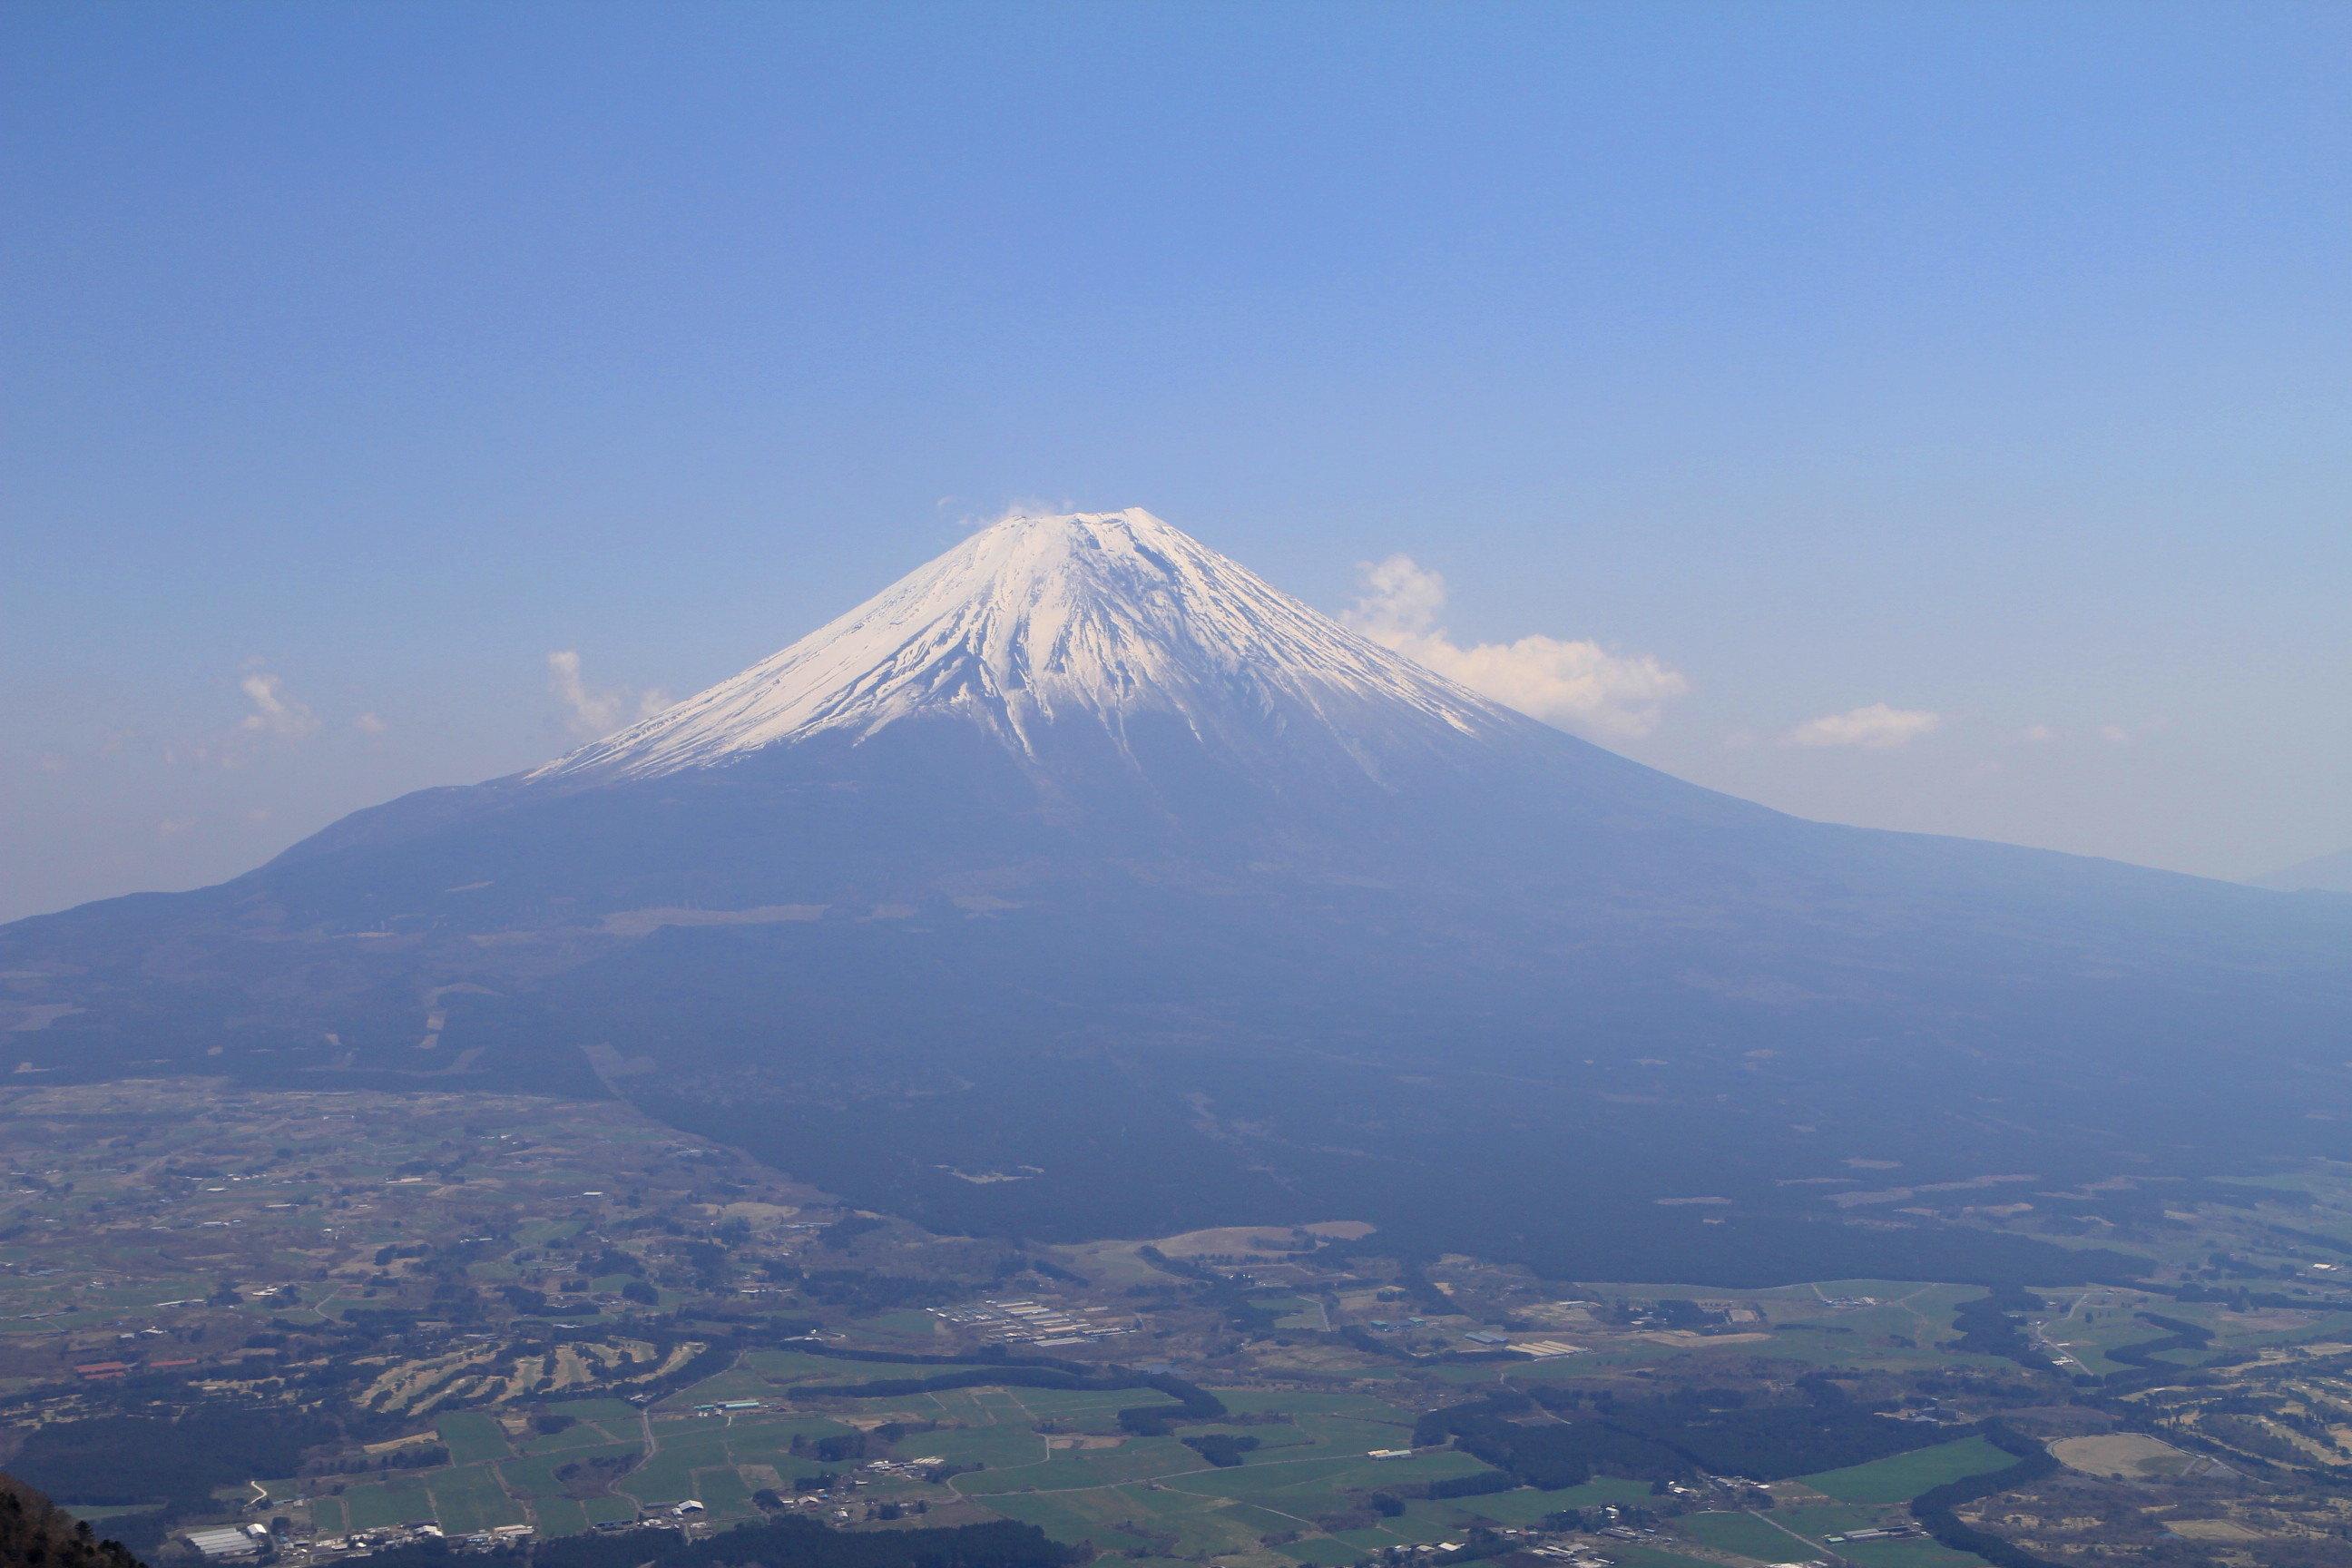 富士山の入山規制の是非を問う!?登山者増で揺れる世界遺産